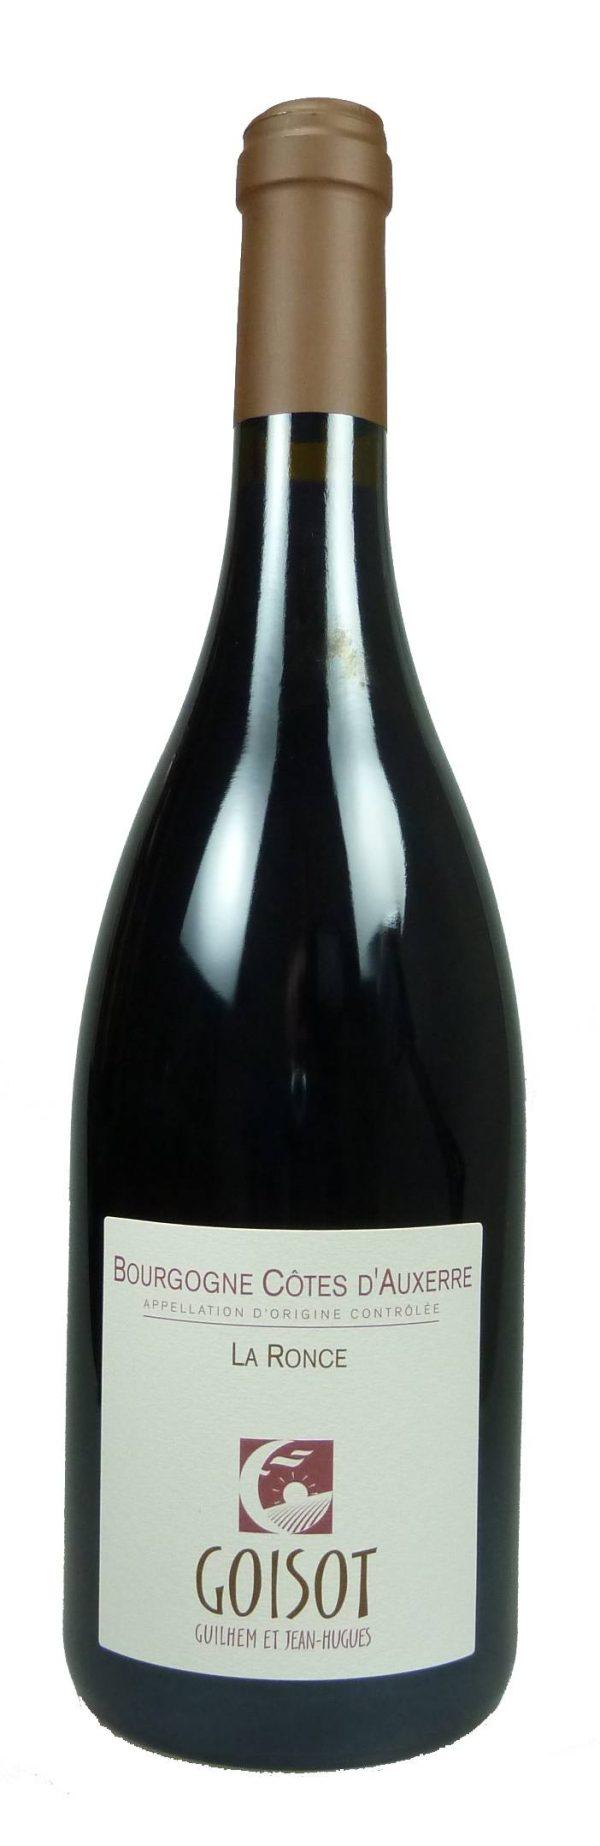 La Ronce Bourgogne Côtes d'Auxerre 2014